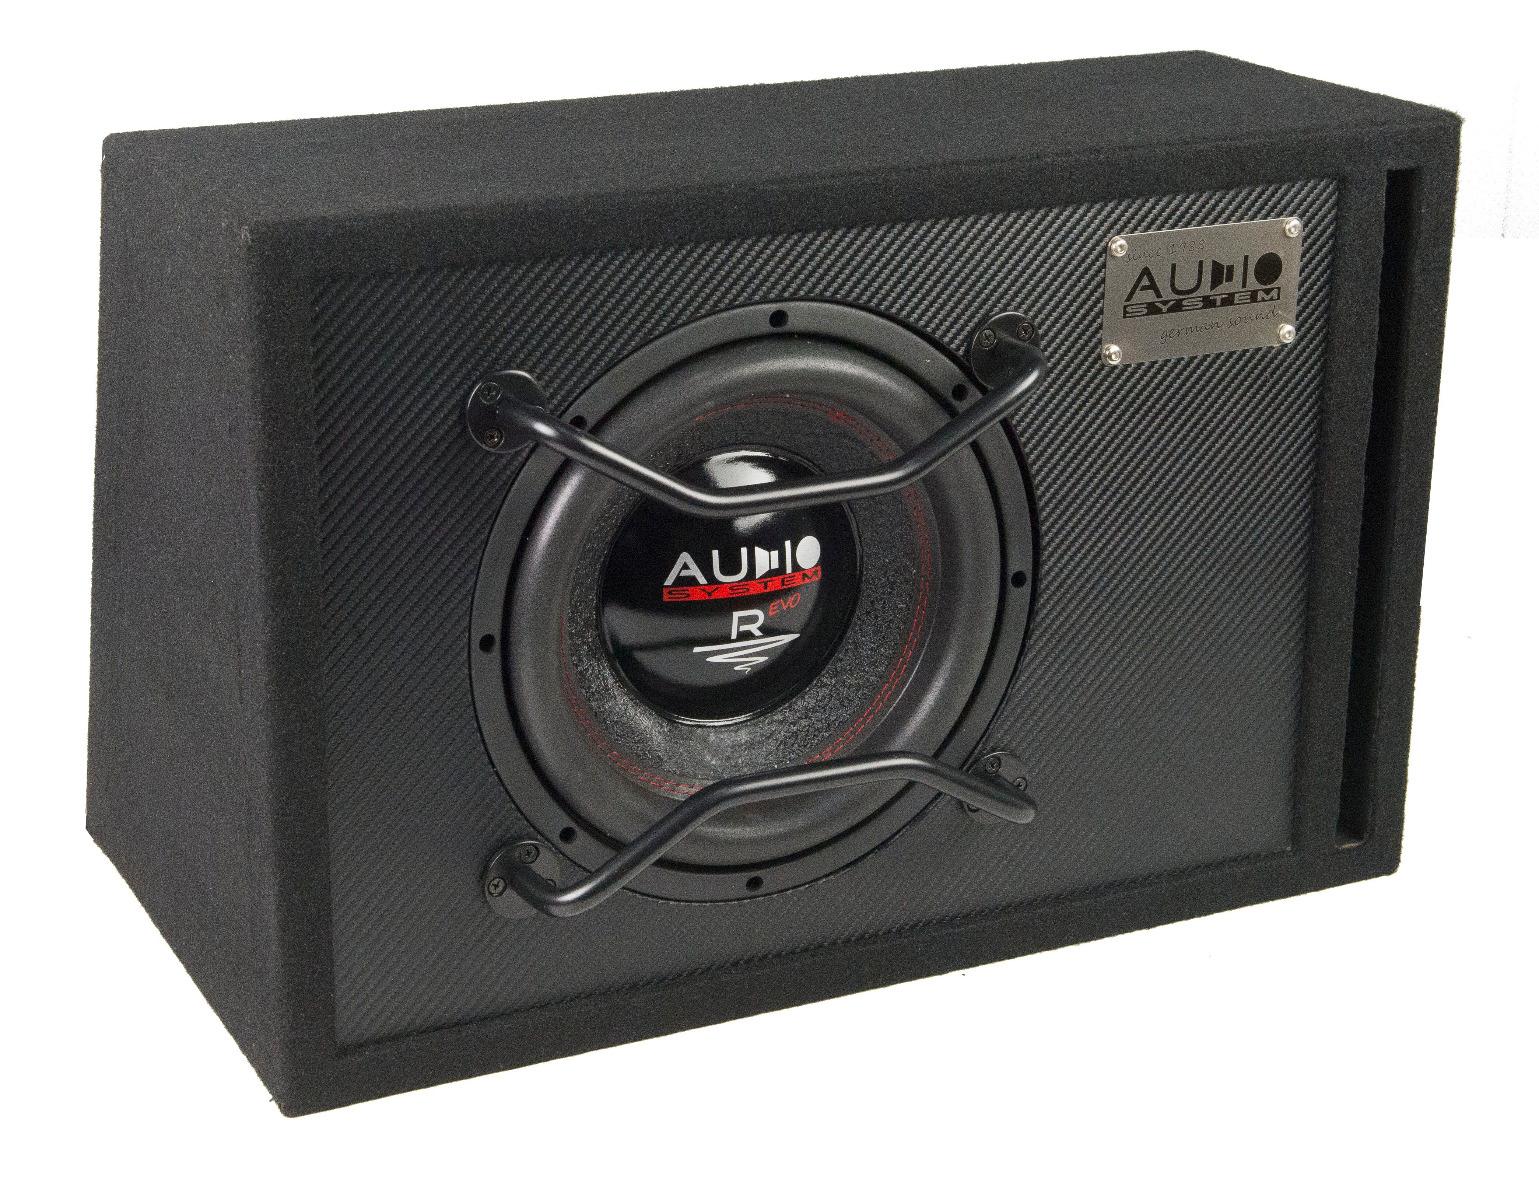 Audio System R 10 EVO BR 25cm Subwoofer Bassreflexgehäuse 400 Watt RMS RADION SERIES EVO HIGH EFFICIENT